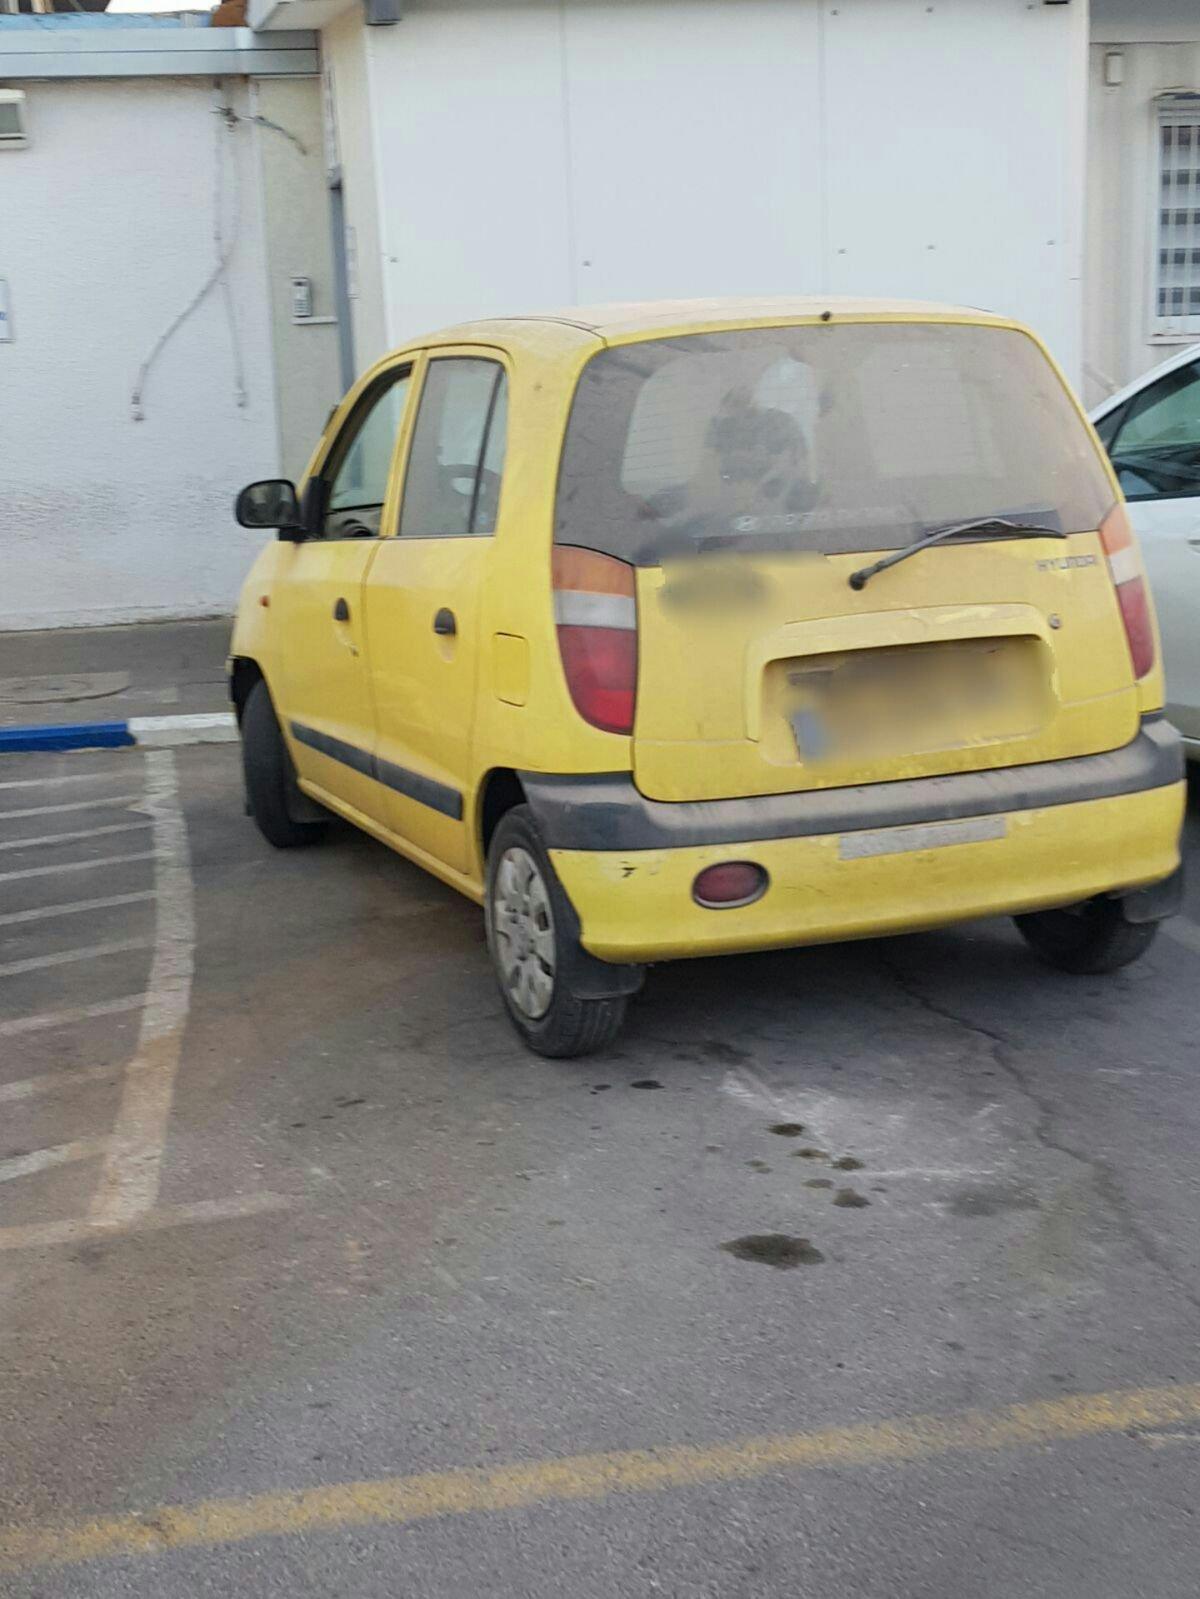 طفل يقود سيارة في عبلين، ورجل من عرعرة النقب يتحدث بالهاتف أثناء القيادة ولا يحمل رخصة قيادة